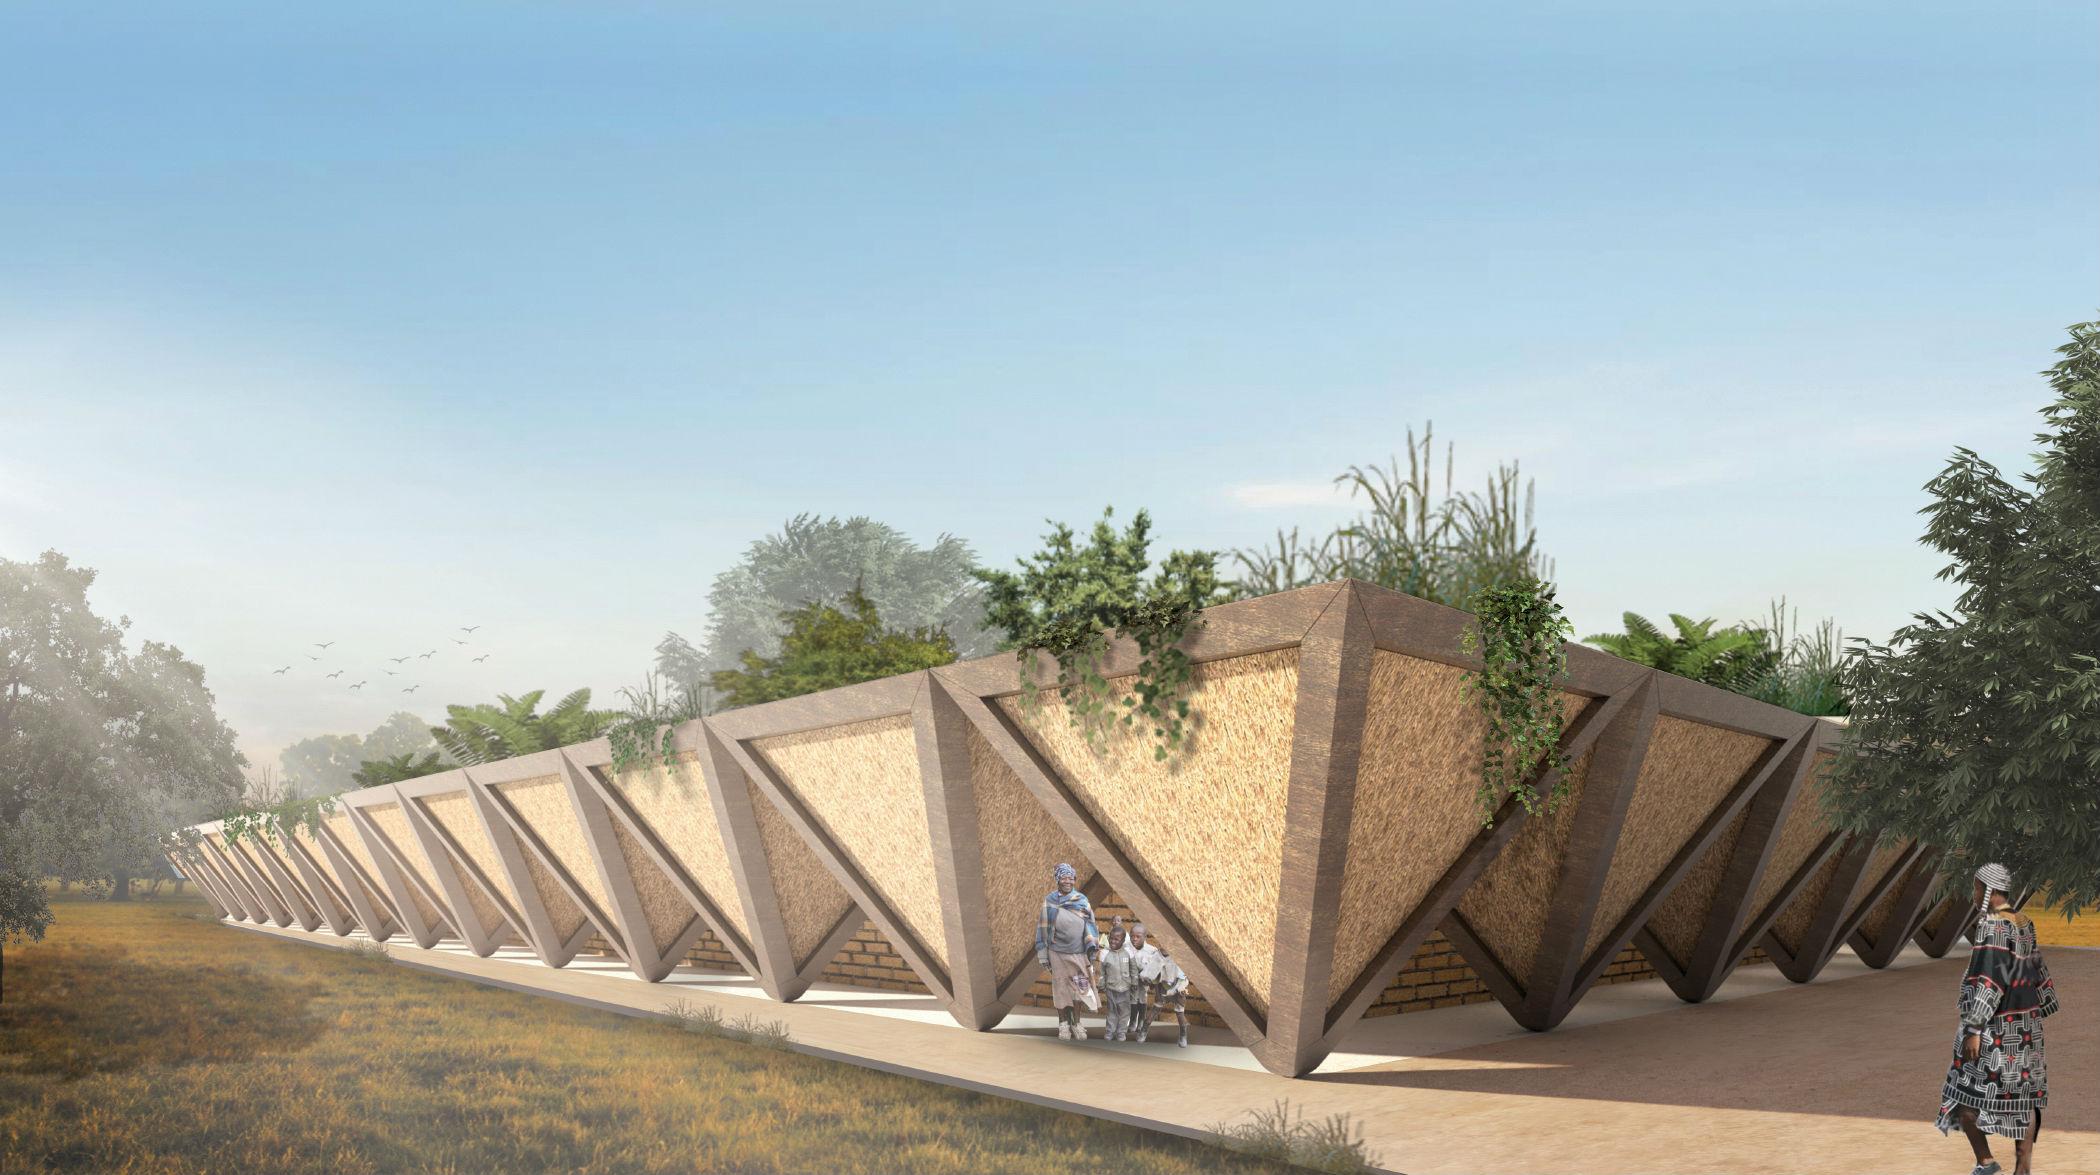 Włoski architekt zaprojektował innowacyjne afrykańskie szkoły. Łatwo je rozbudować